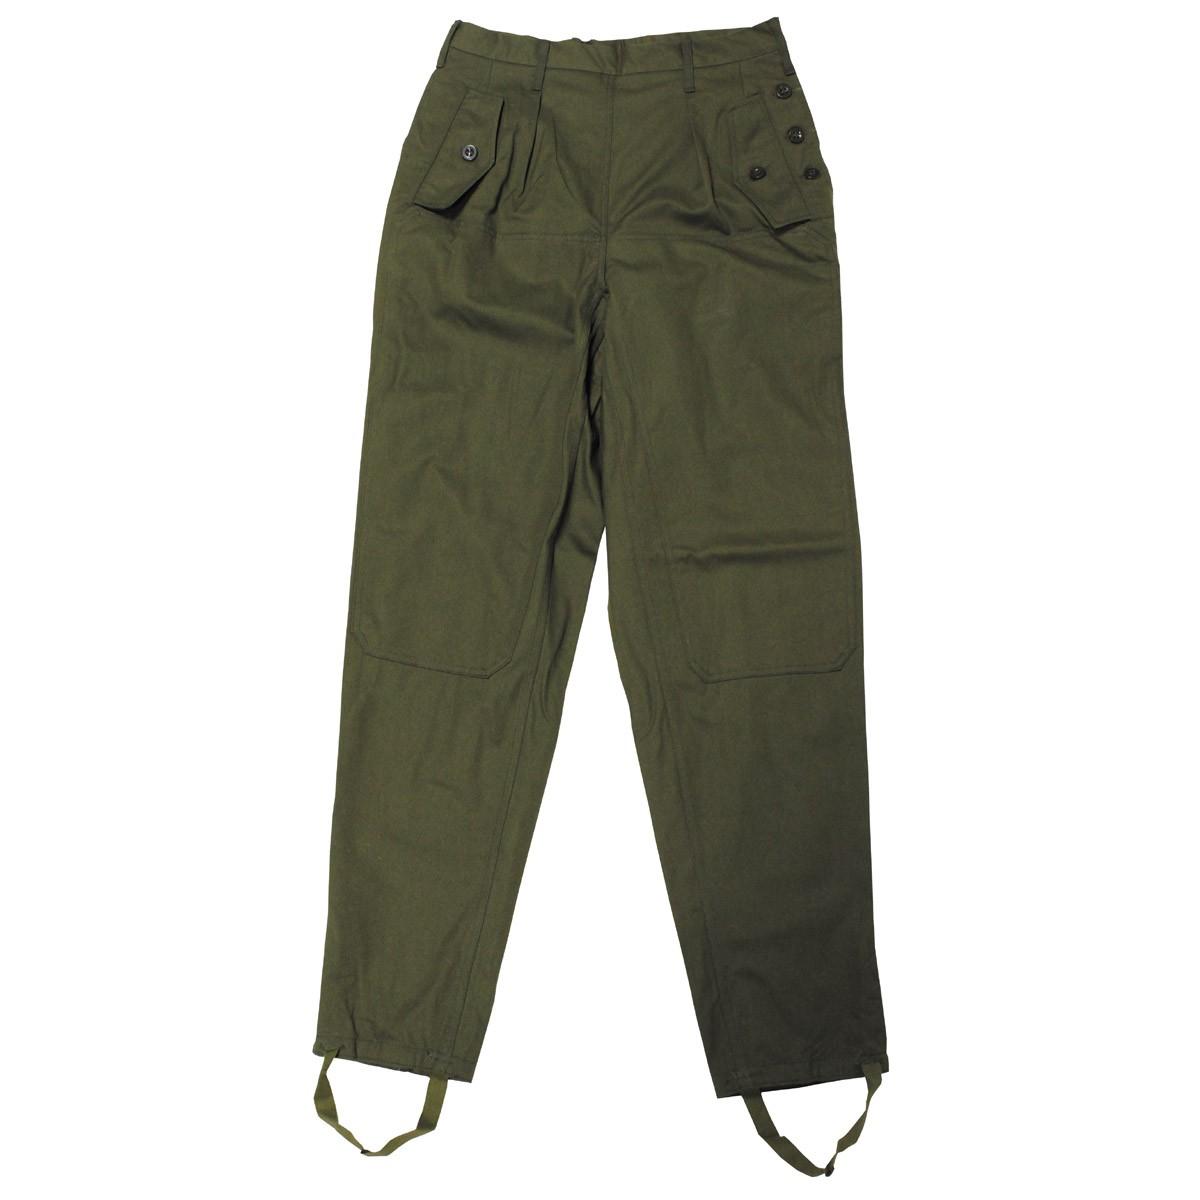 Nohavice dámské vz.85 nové OLIV